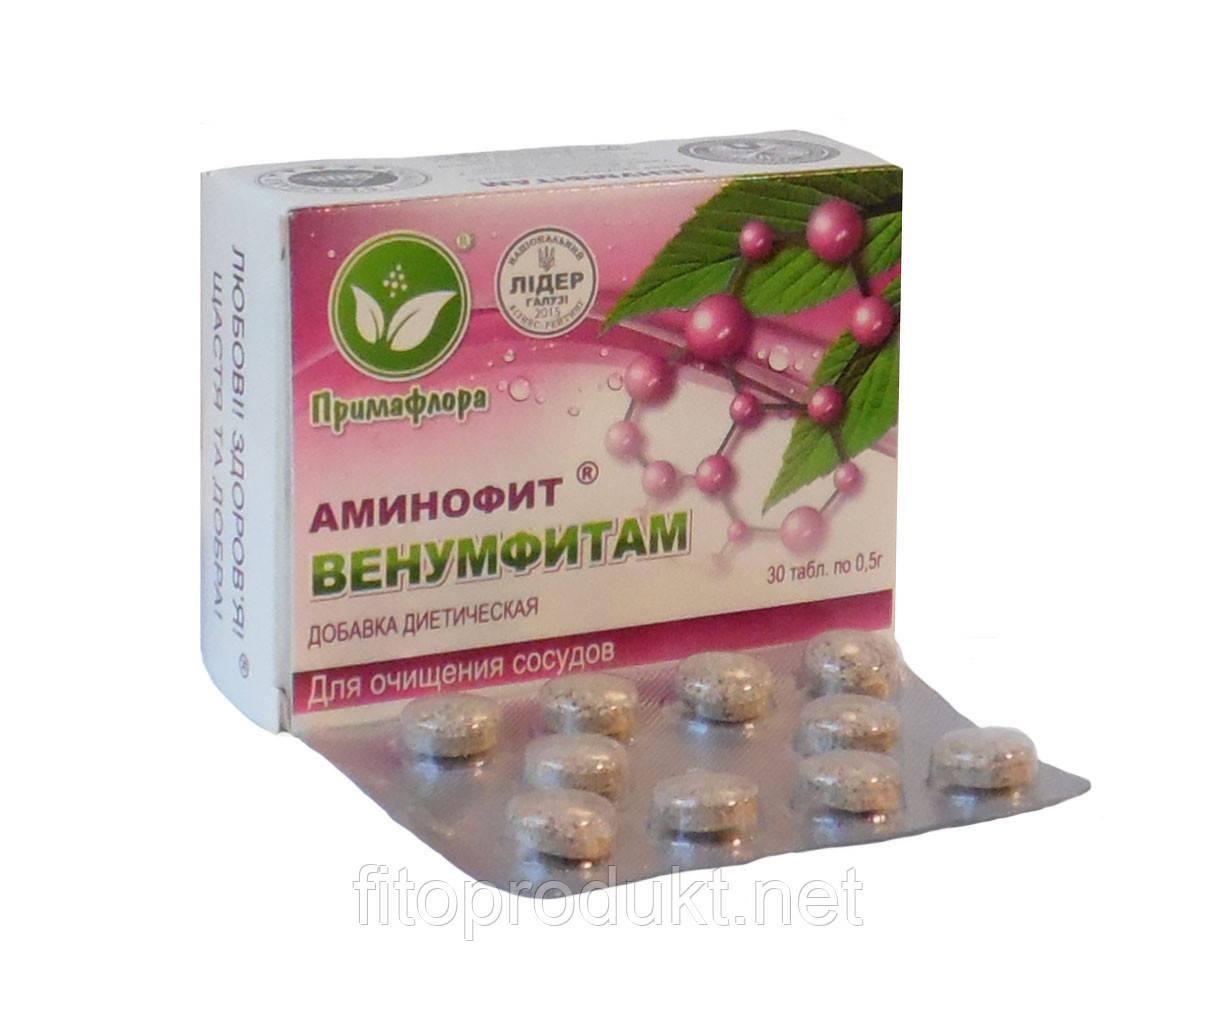 ВЕНУМФИТАМ аминофит для очищения сосудов 30 капсул Примафлора